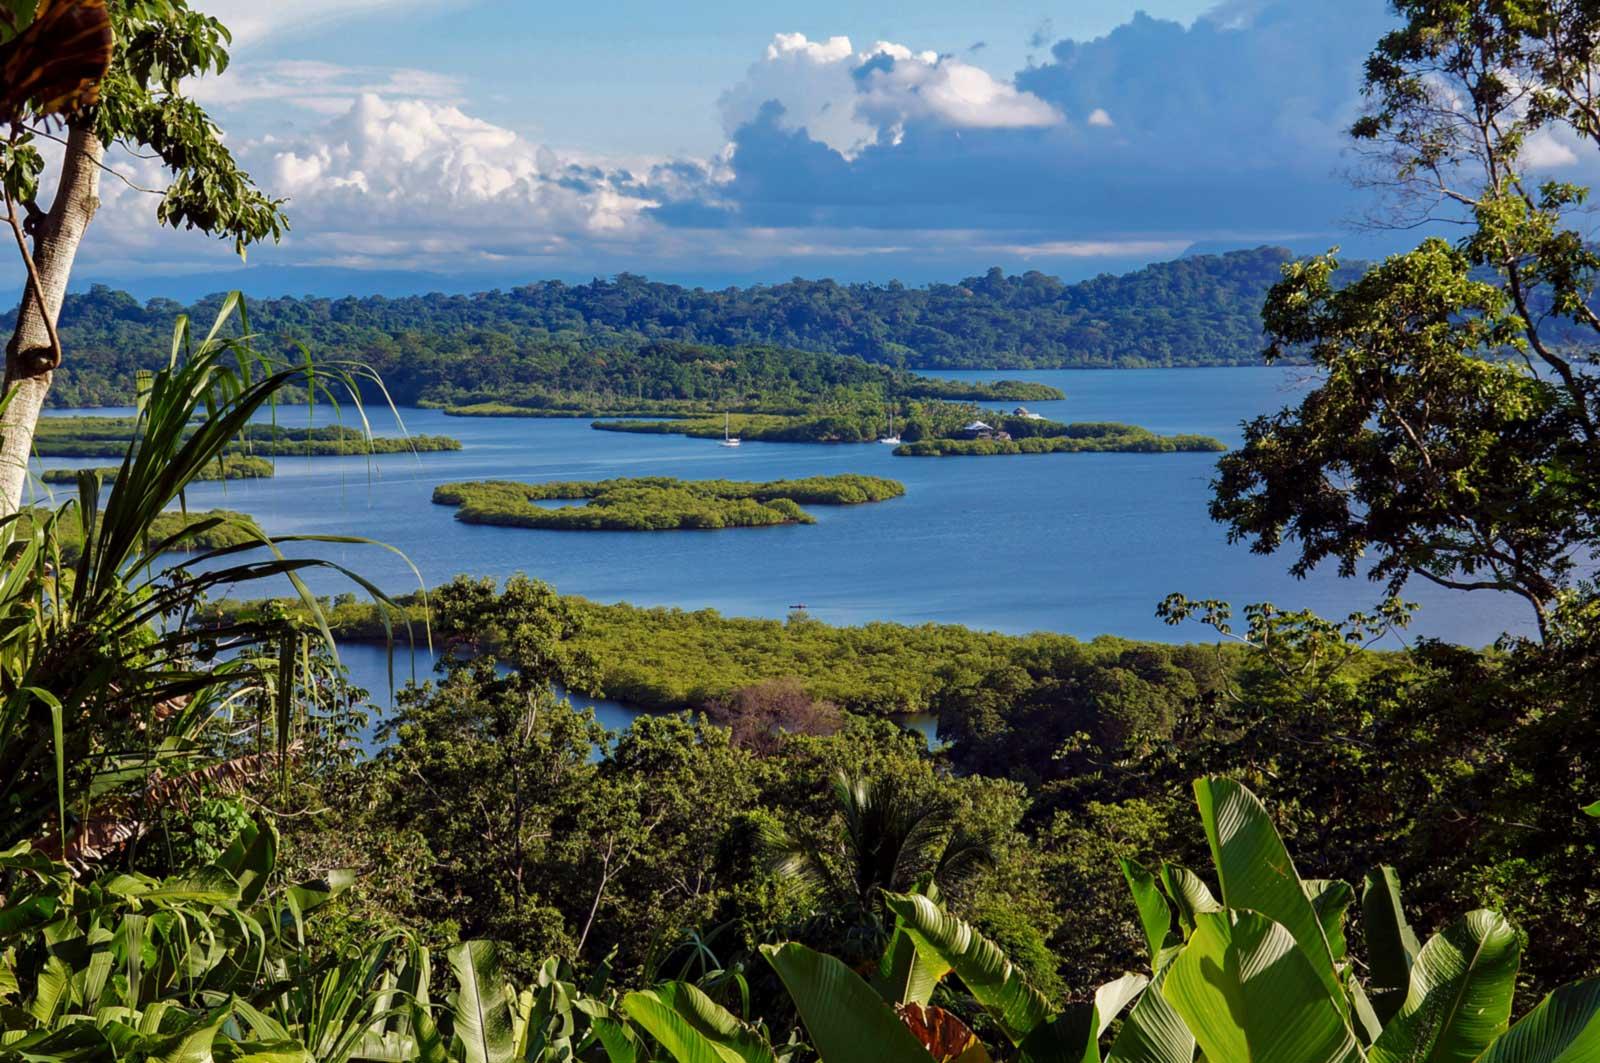 Panama, Bocas del Toro